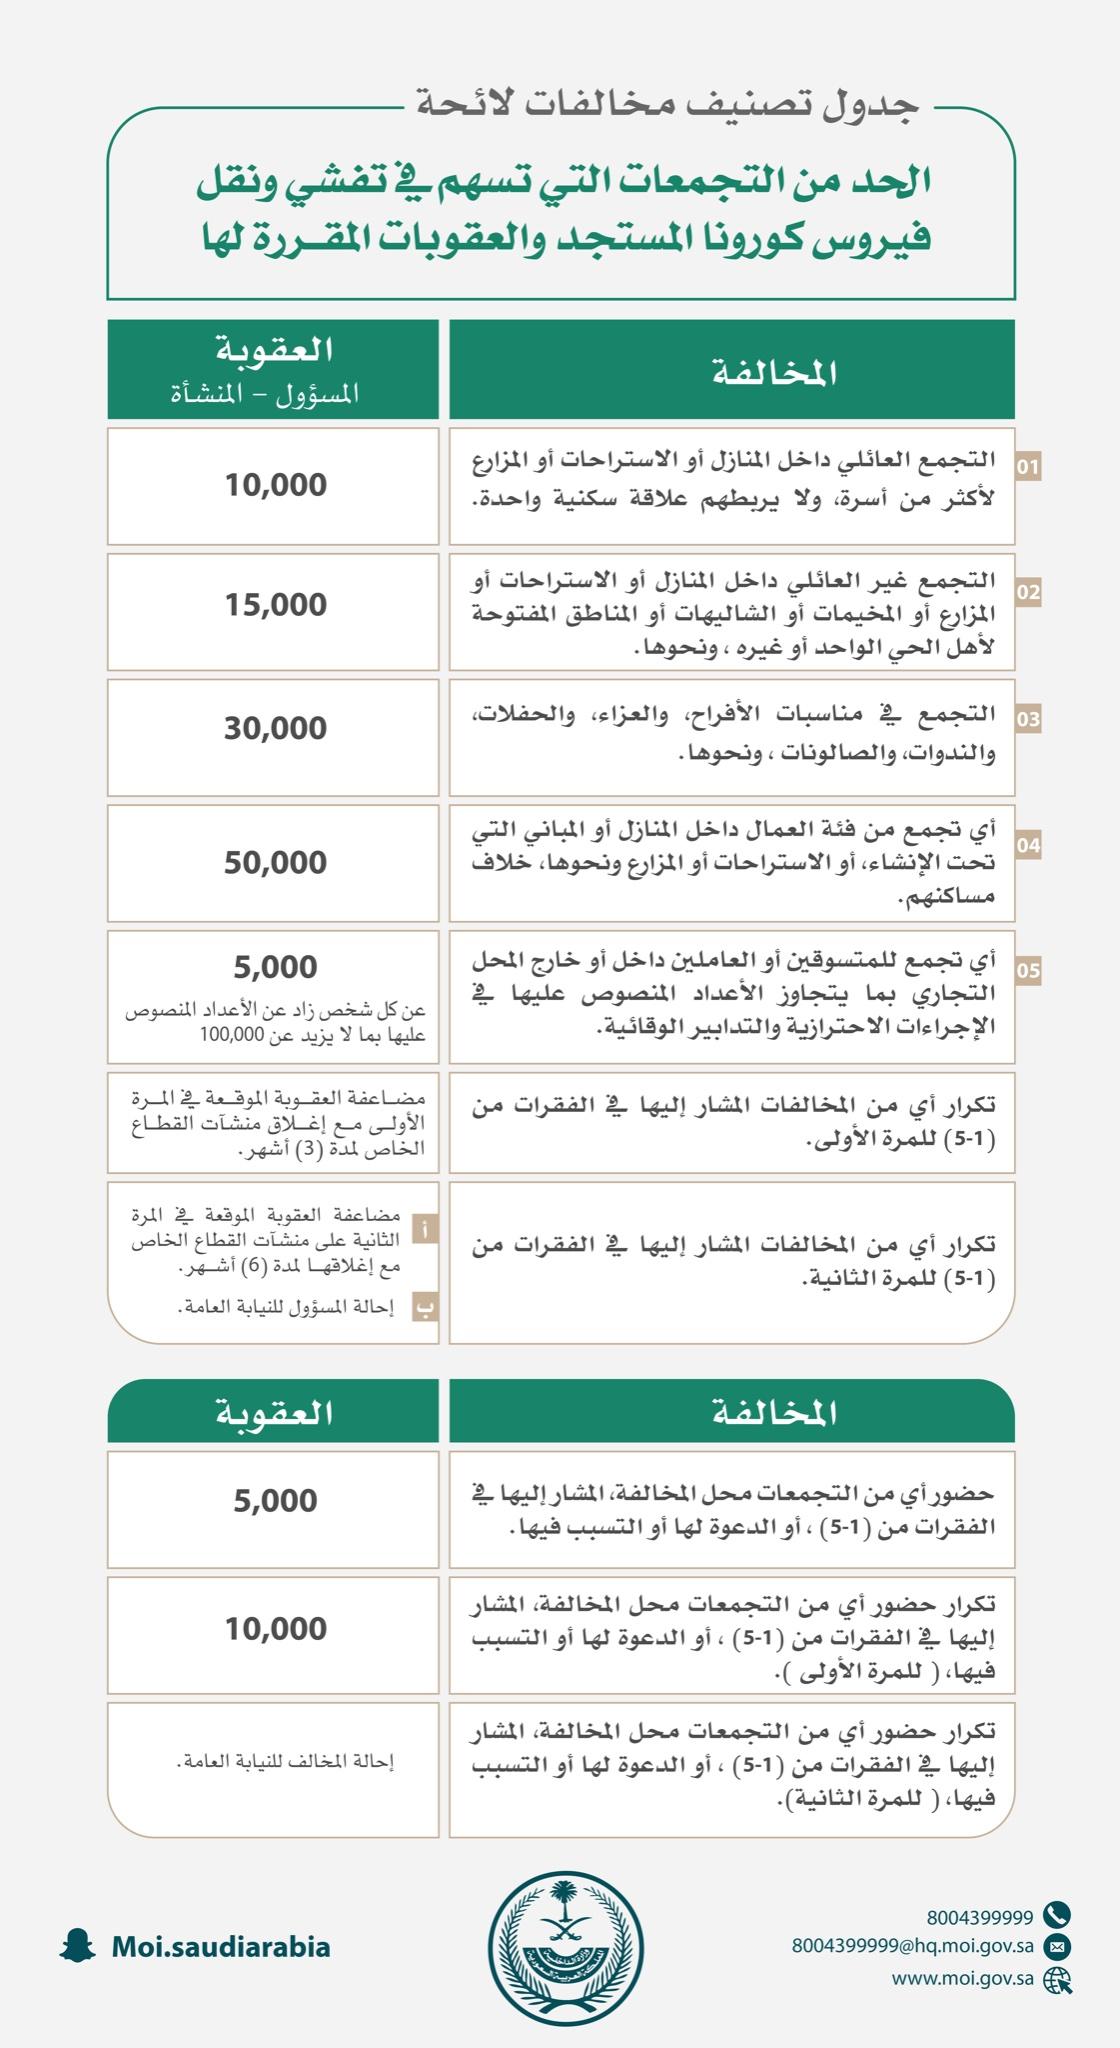 عقوبة التجمعات في السعودية